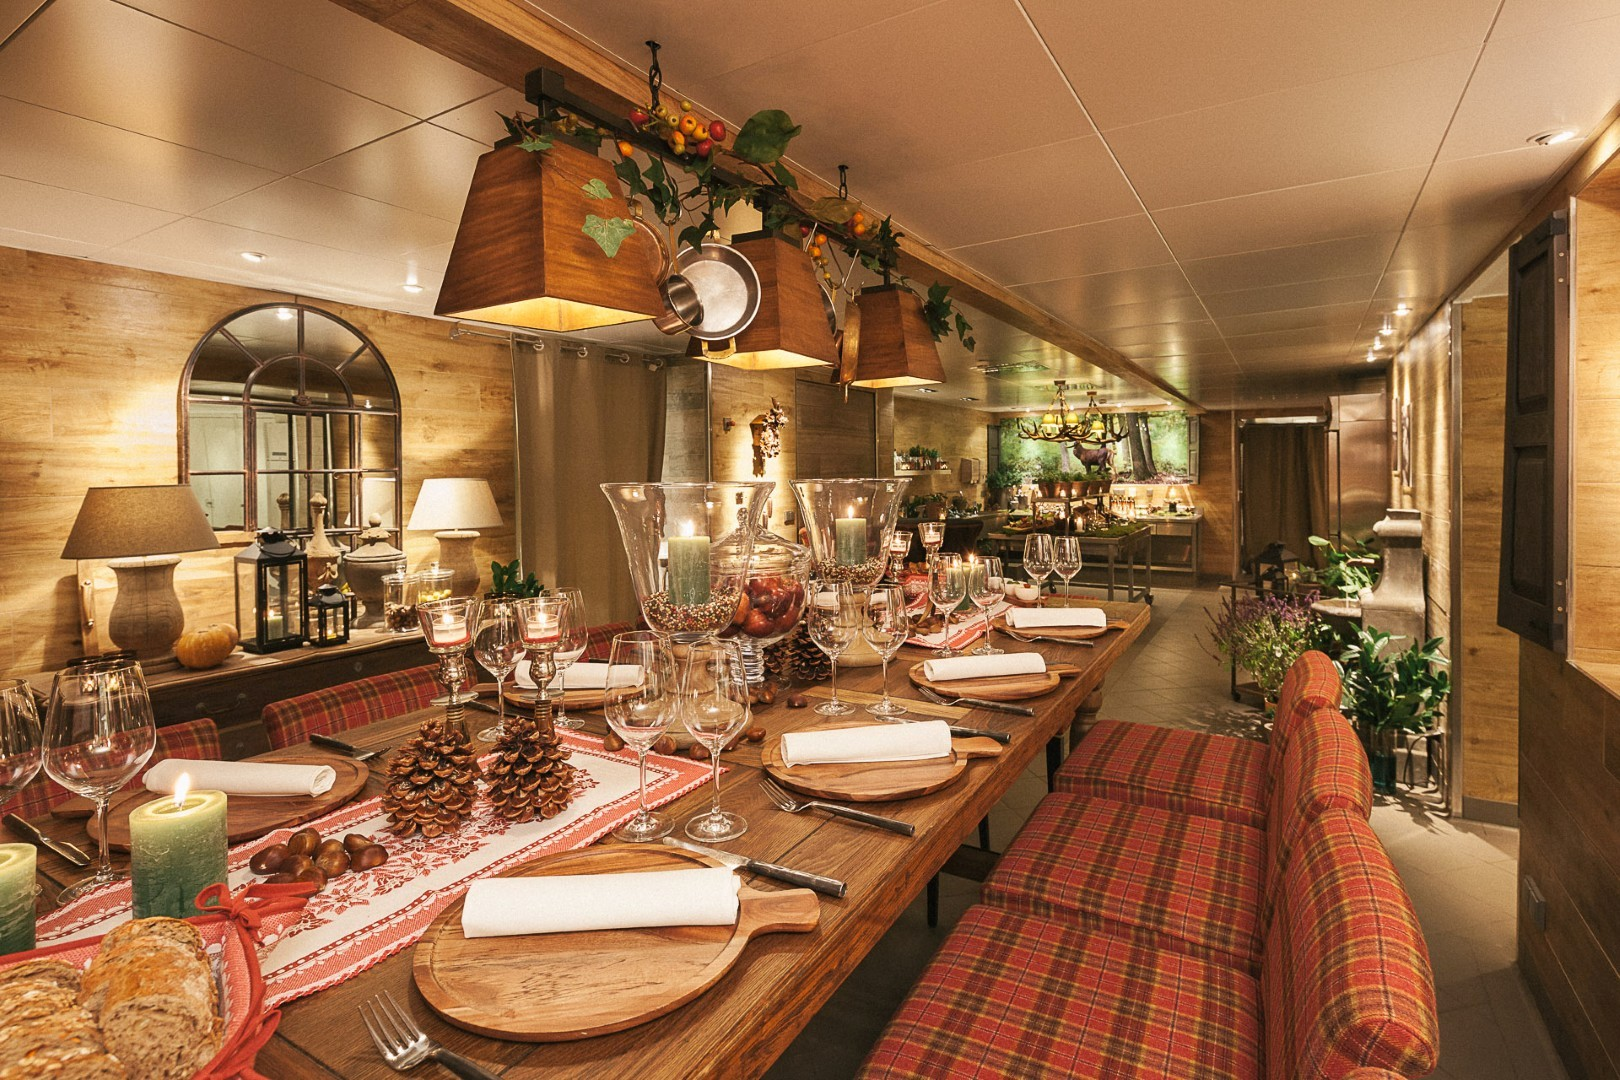 Kuchenstube Im Fairmont Hotel Vier Jahreszeiten Eventlocation Fiylo